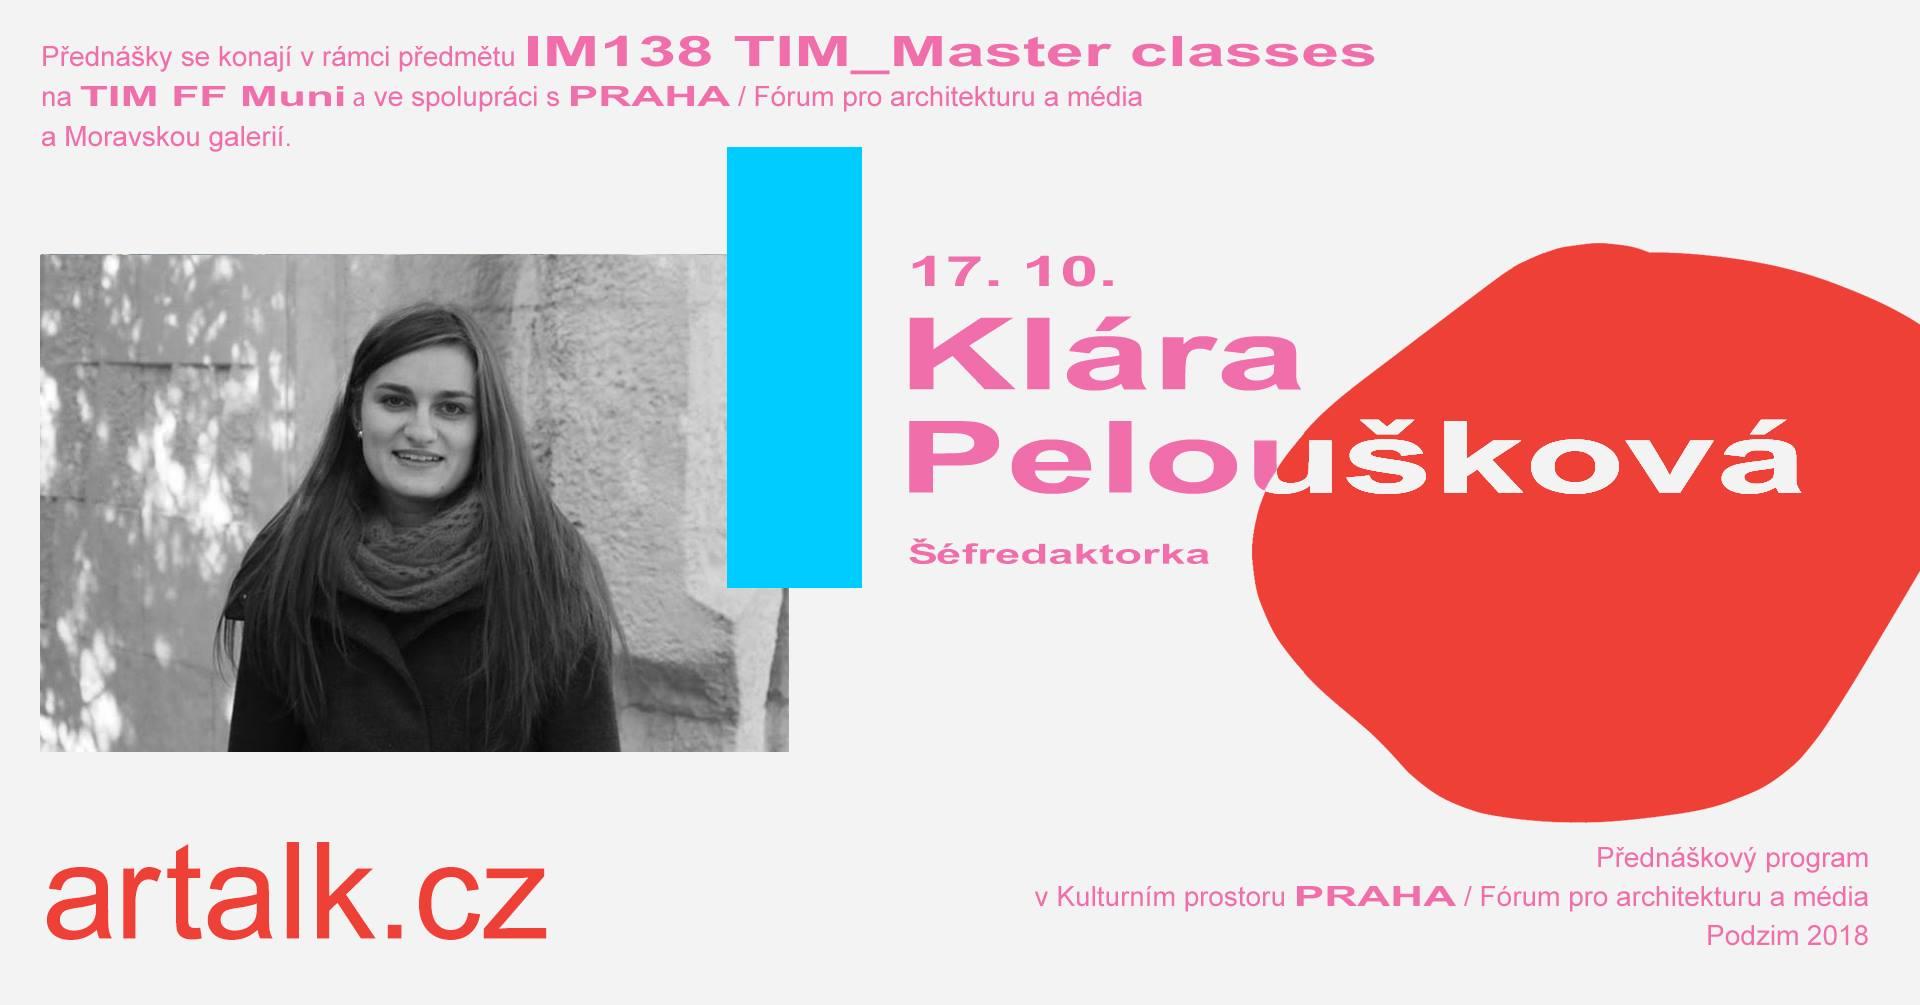 ST / 17.10. / 19.00 / TIM Master class: Klára Peloušková – Artalk.cz / přednáška, diskuse